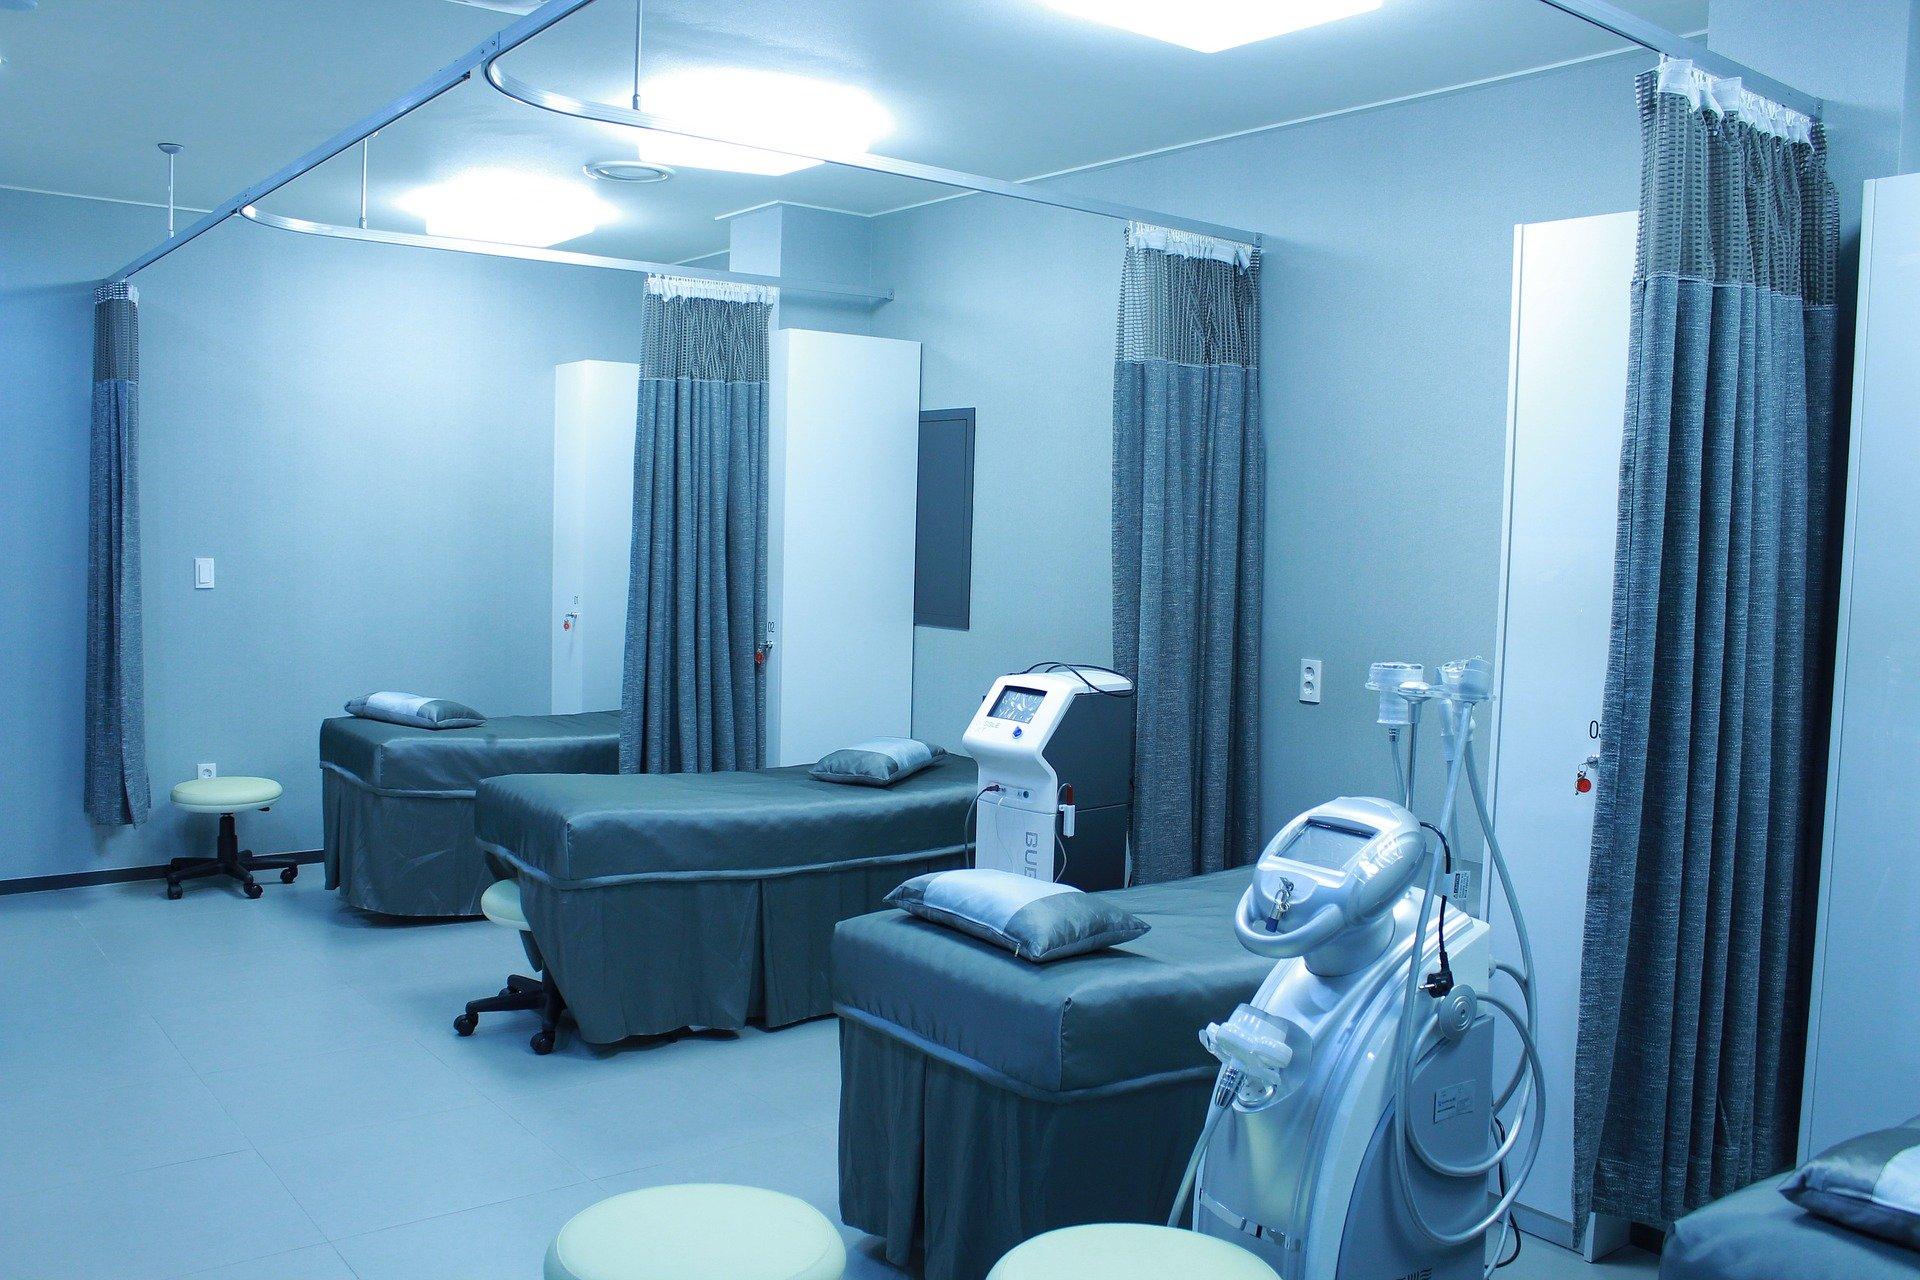 Effective detailing for medical representatives